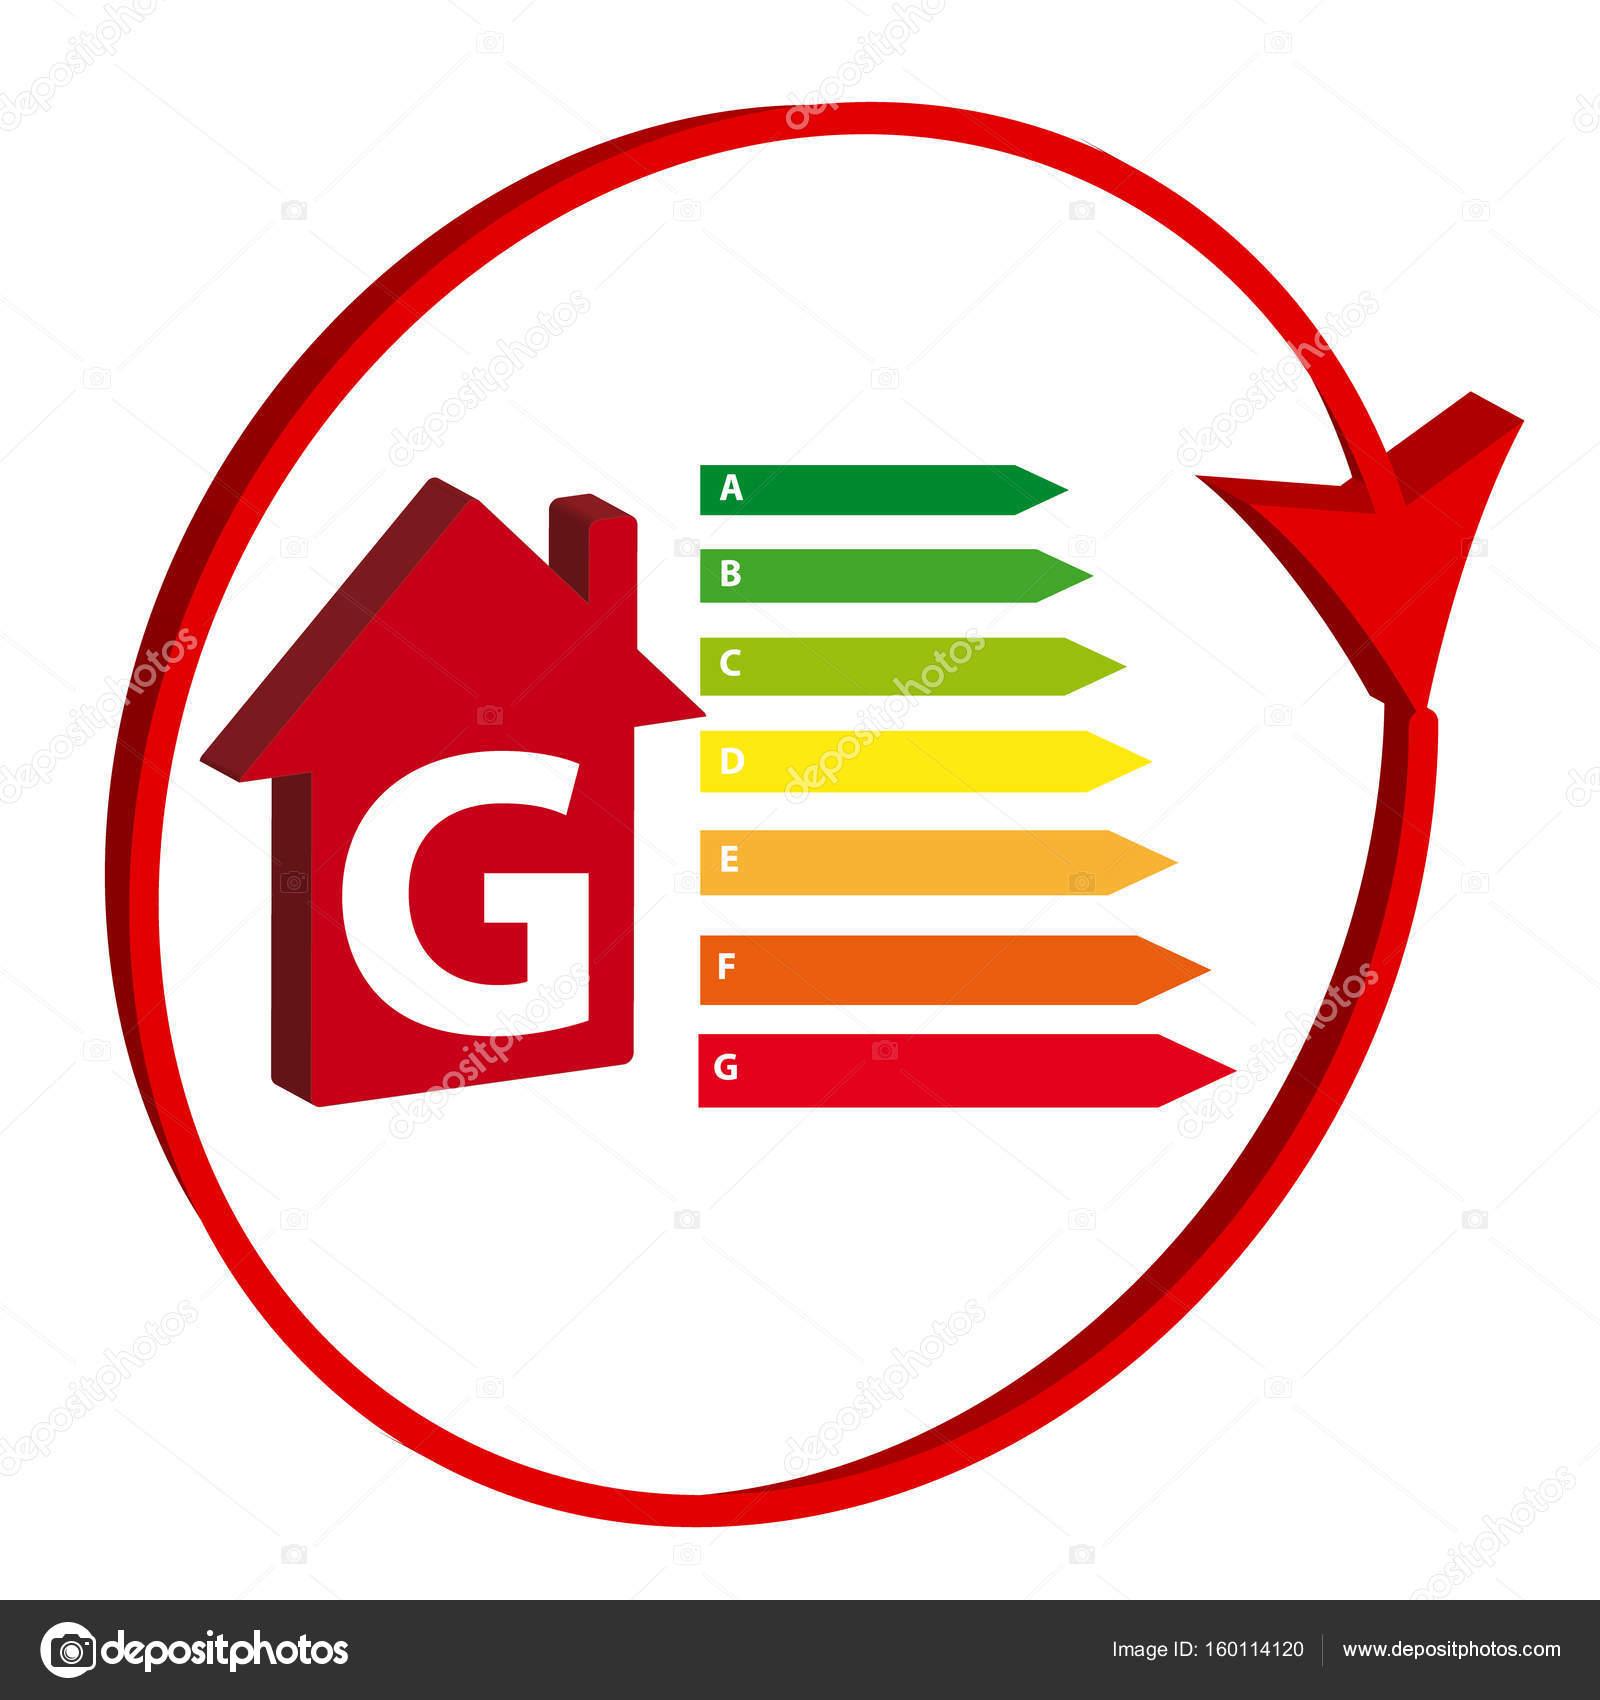 Erfreut Hocheffizientes Logo Bilder - Der Schaltplan - greigo.com